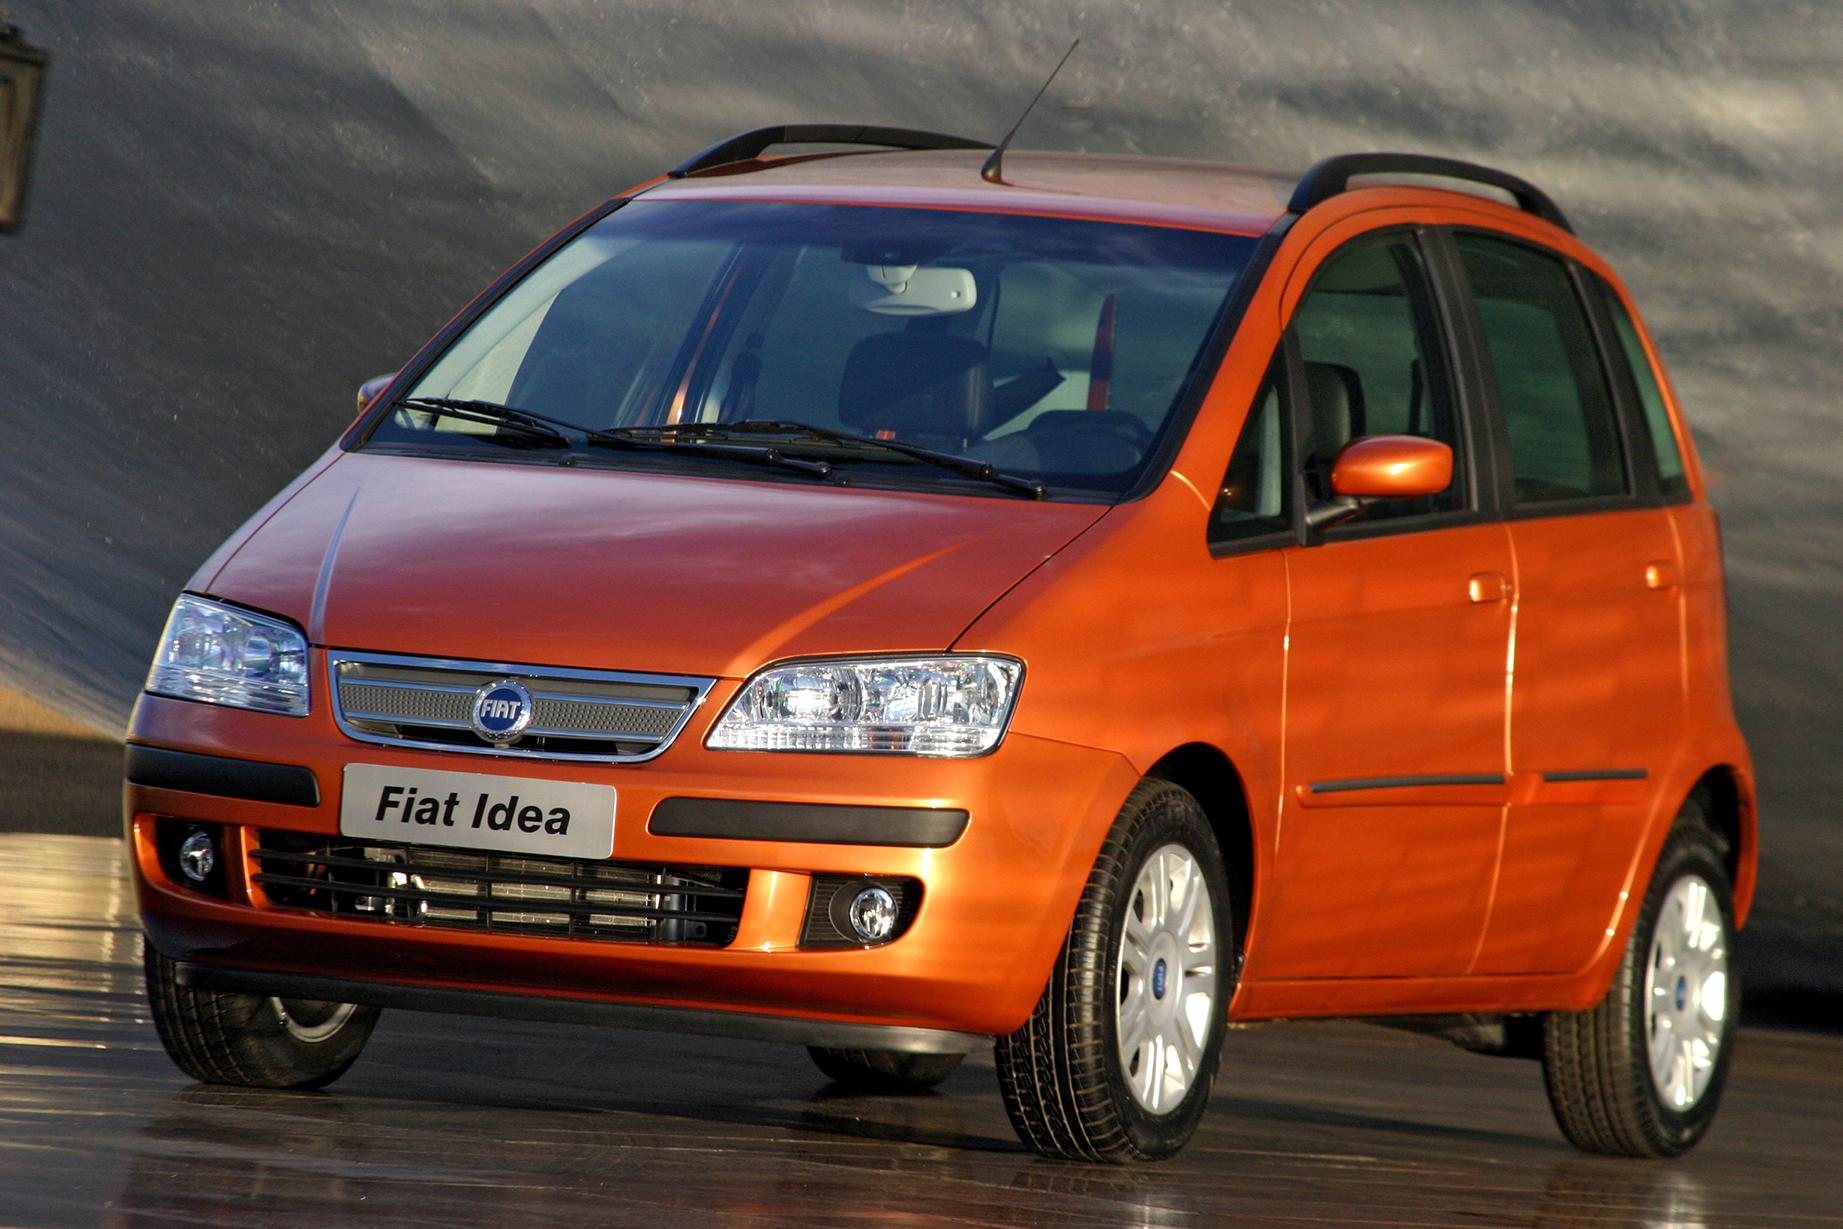 fiat idea hlx 2005 laranja de frente